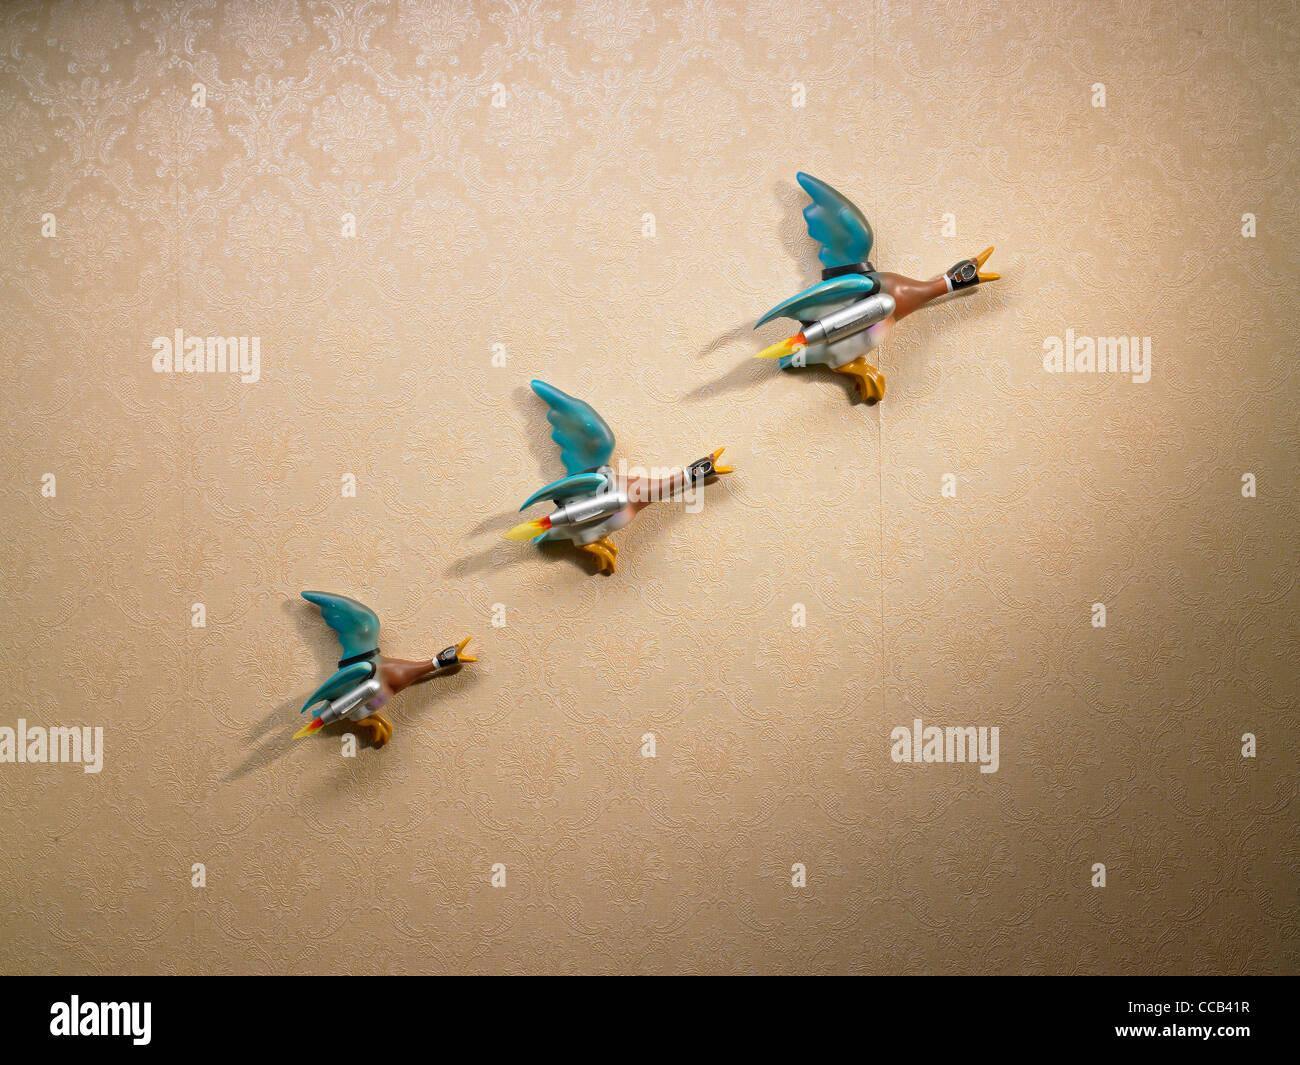 Una línea de patos propulsados por cohetes en la pared Imagen De Stock